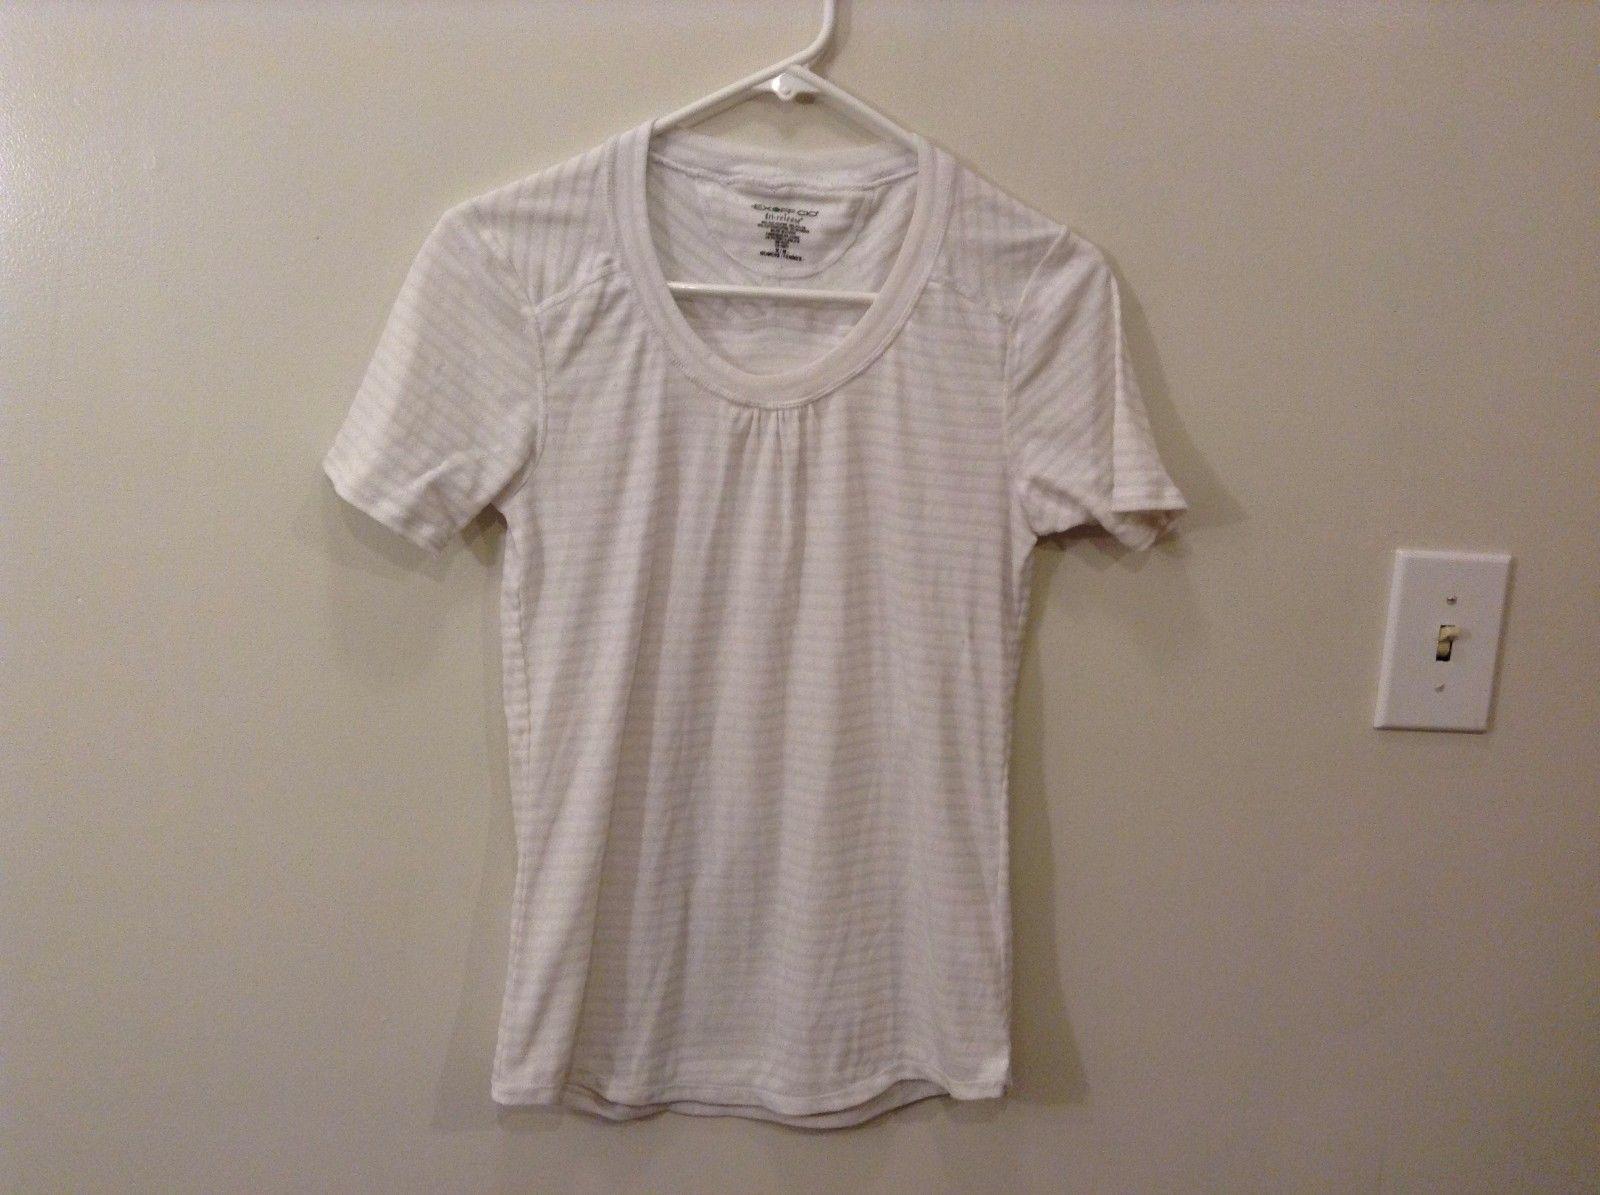 EXOFF CIO M White Off White Horizontal Striped Blouse Good Used Condition